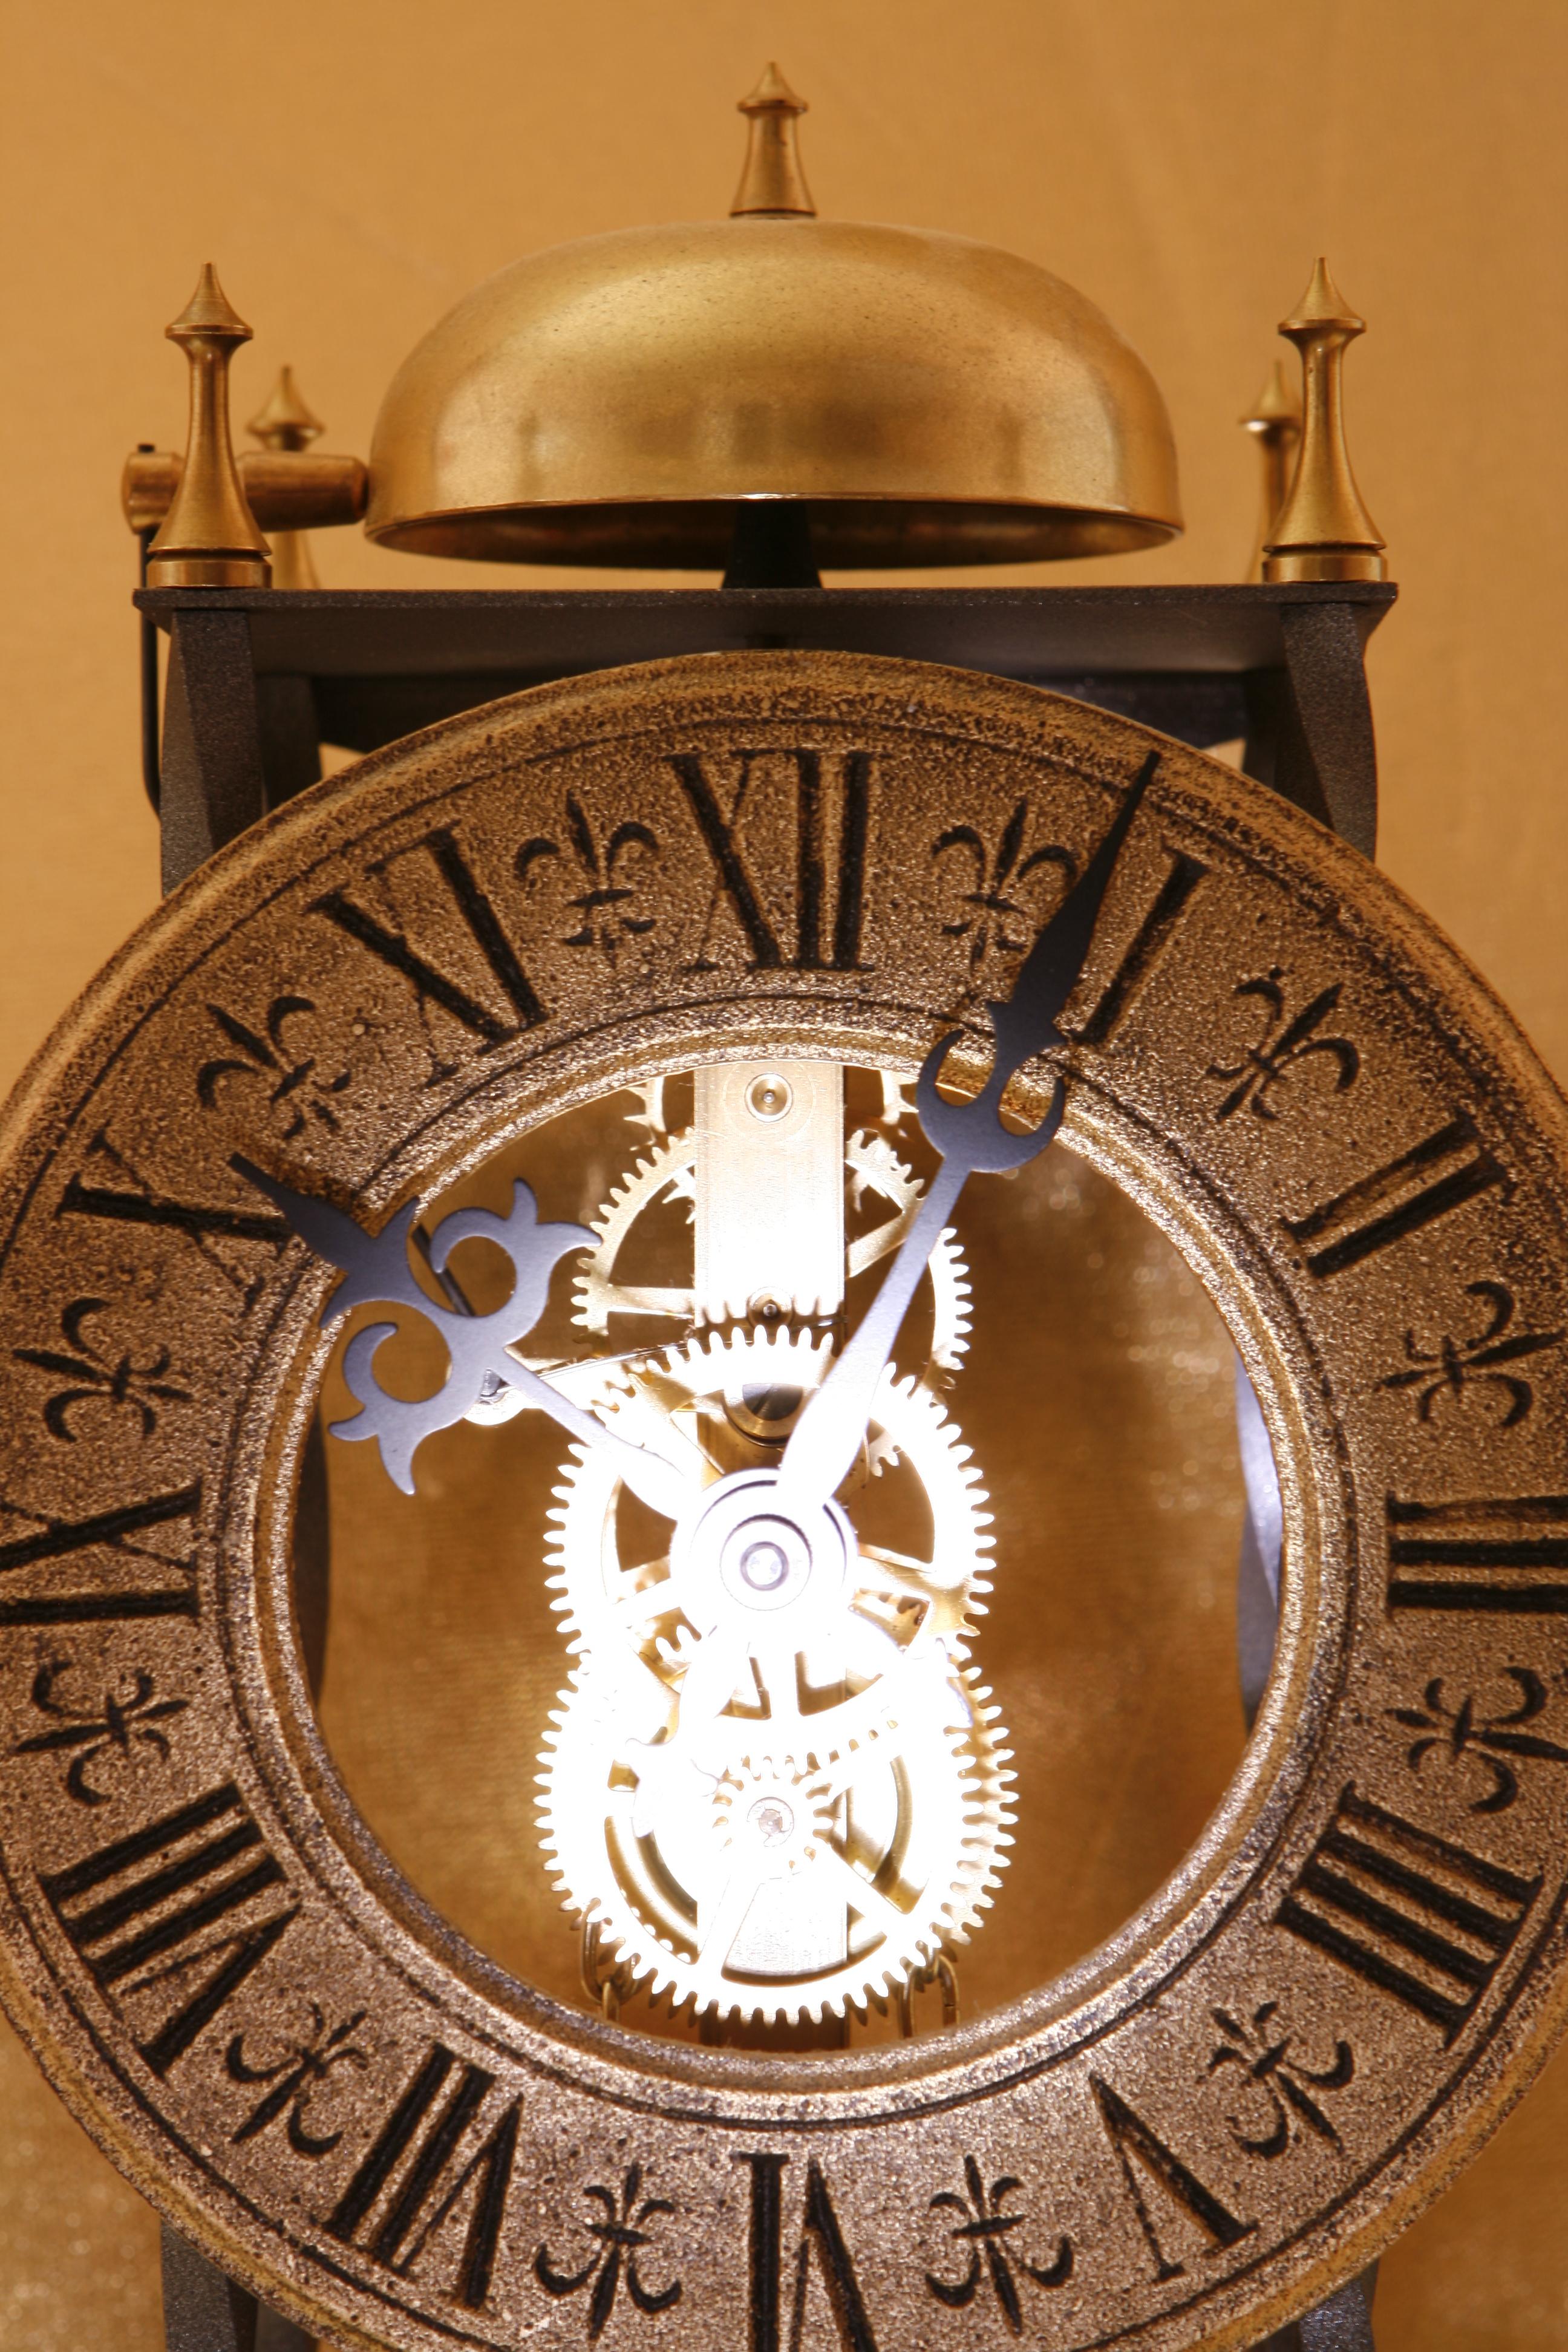 Old clock, Old, Vintage, Twelve, Time, HQ Photo